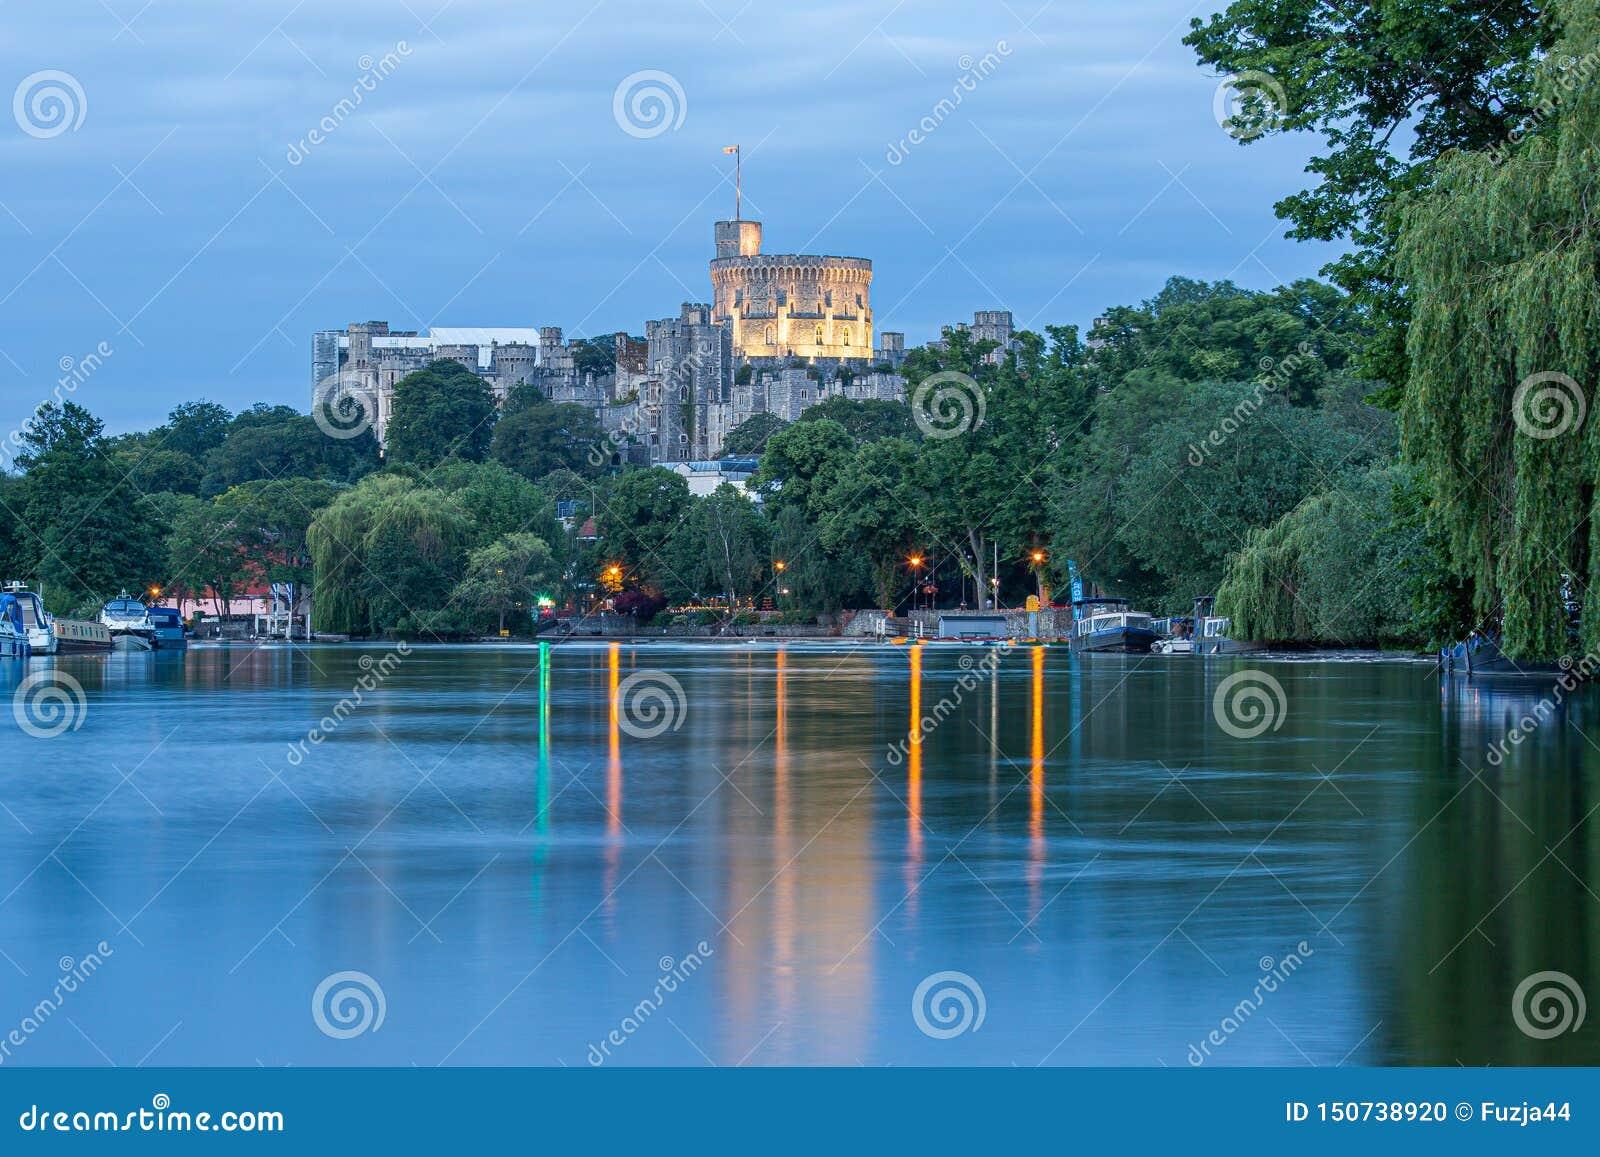 Windsor Castle donnant sur la Tamise, Angleterre